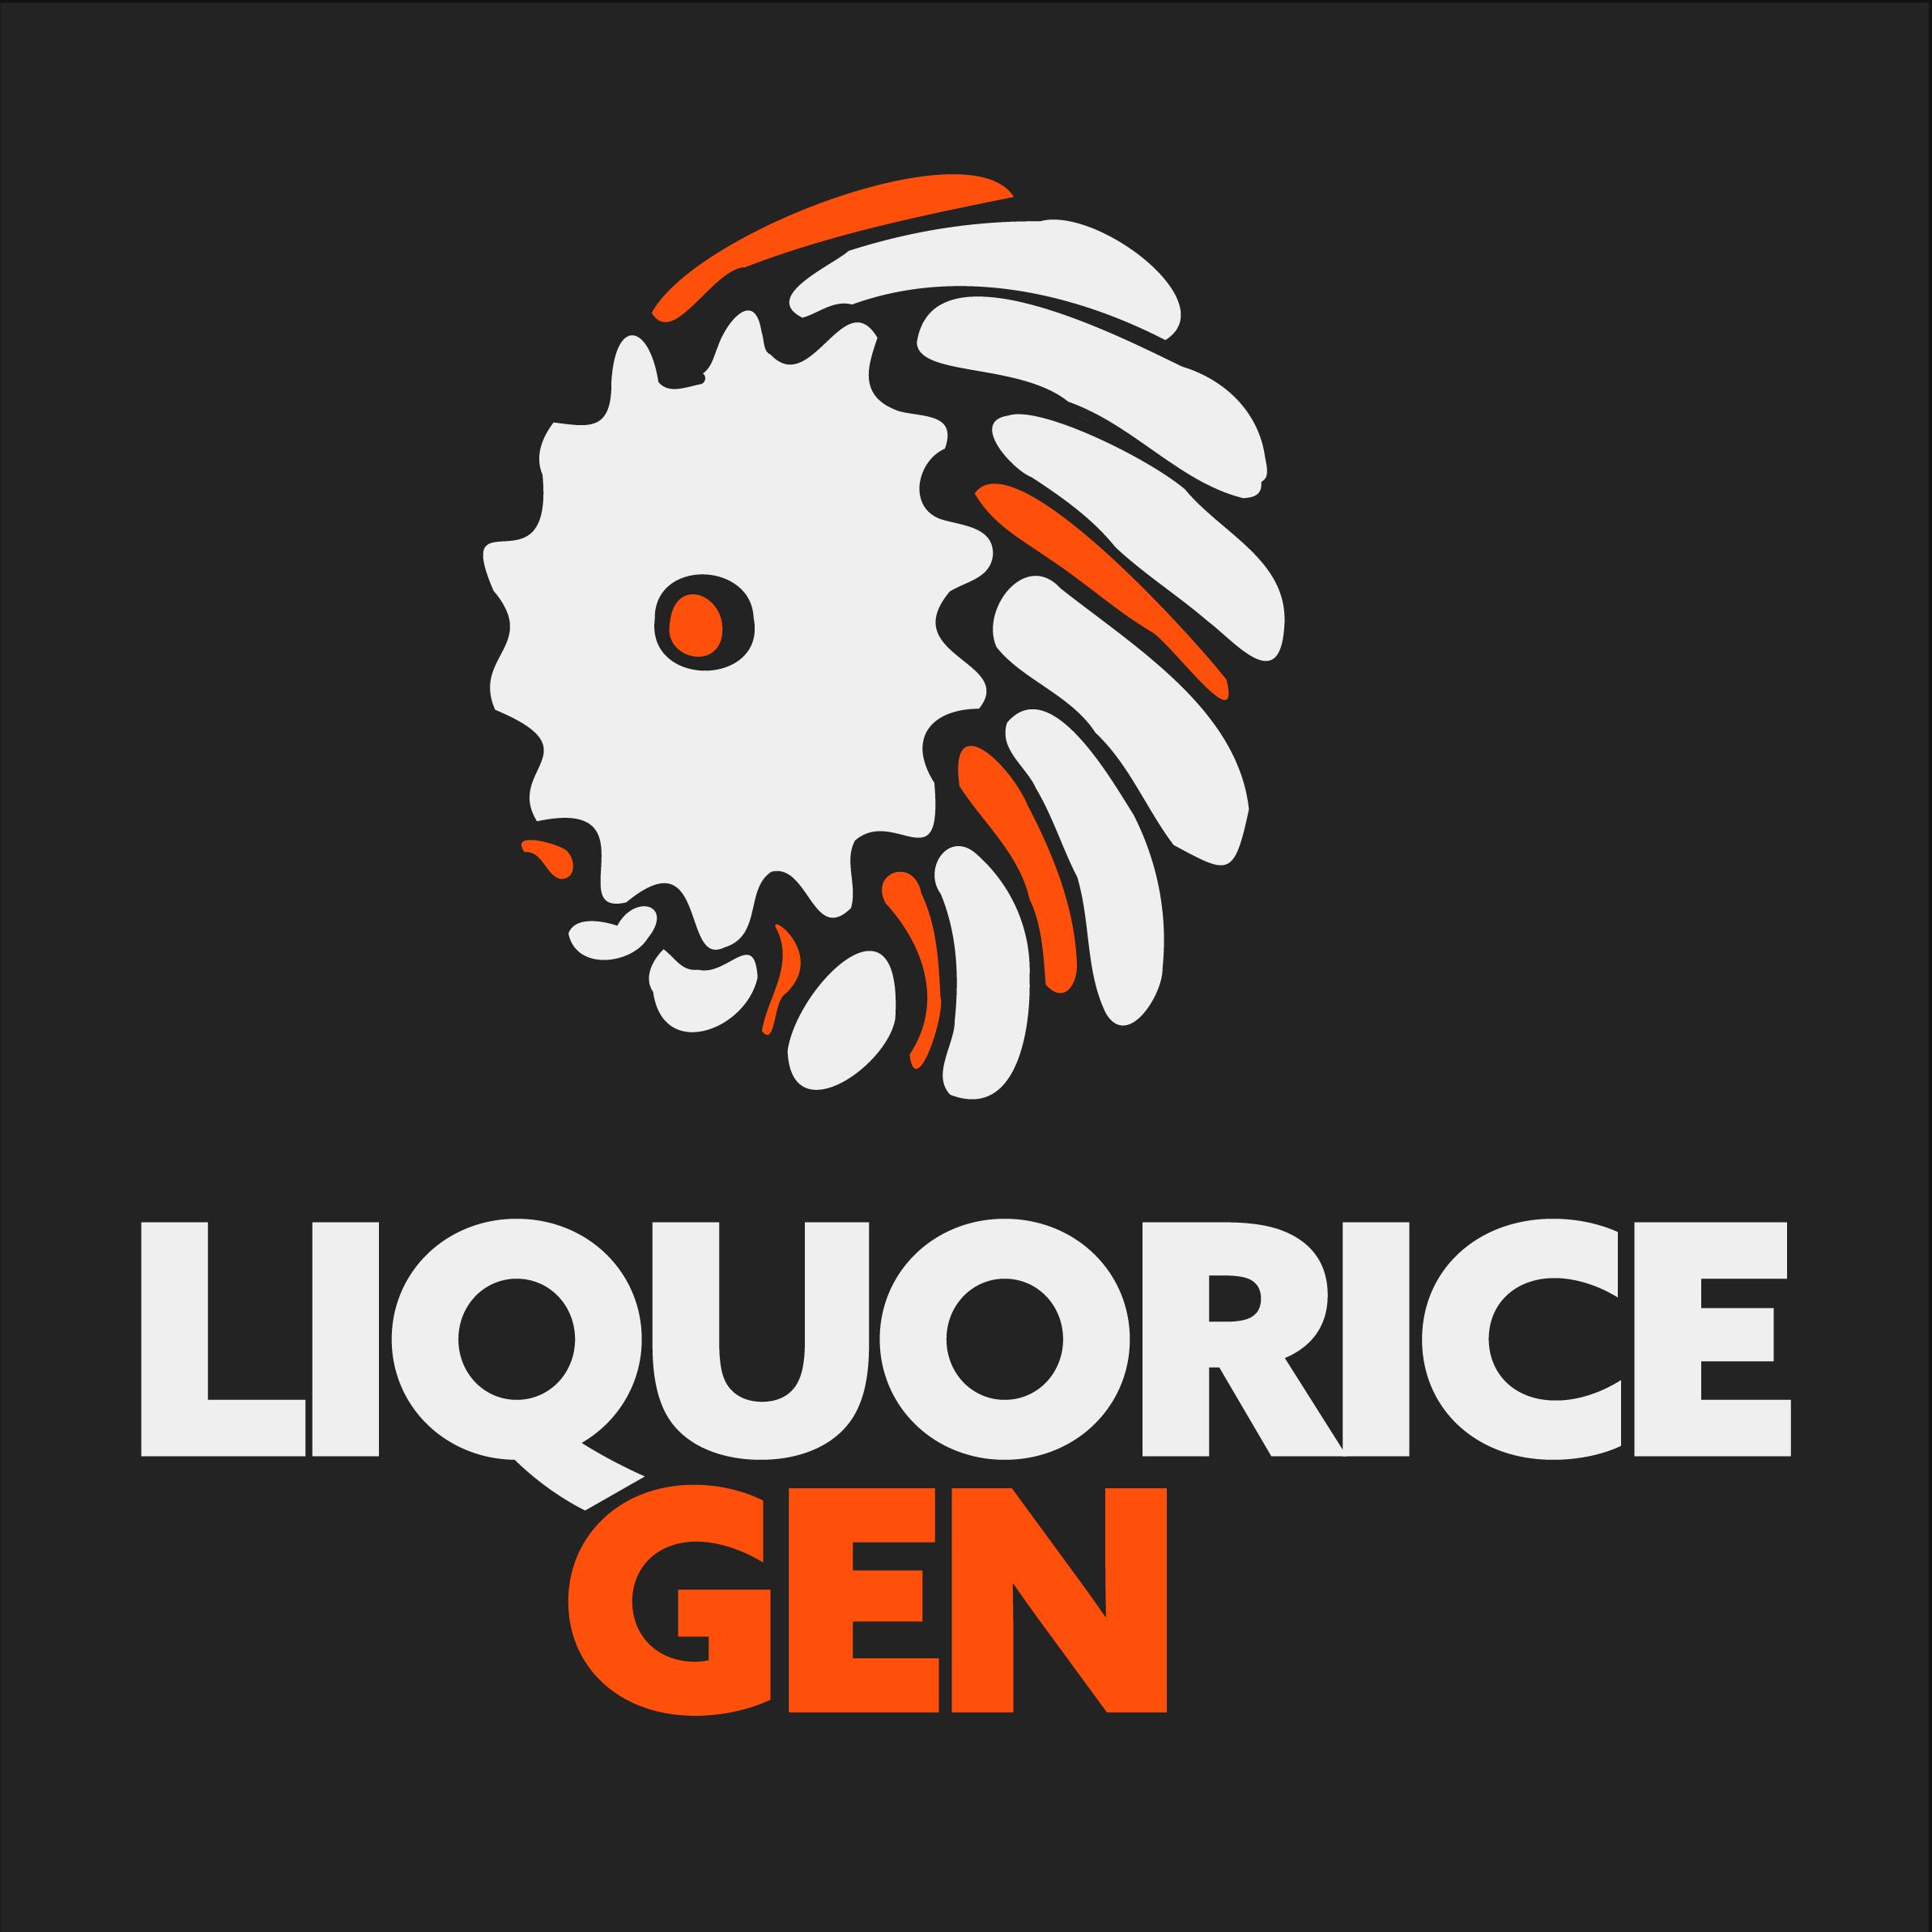 Liquorice Gen